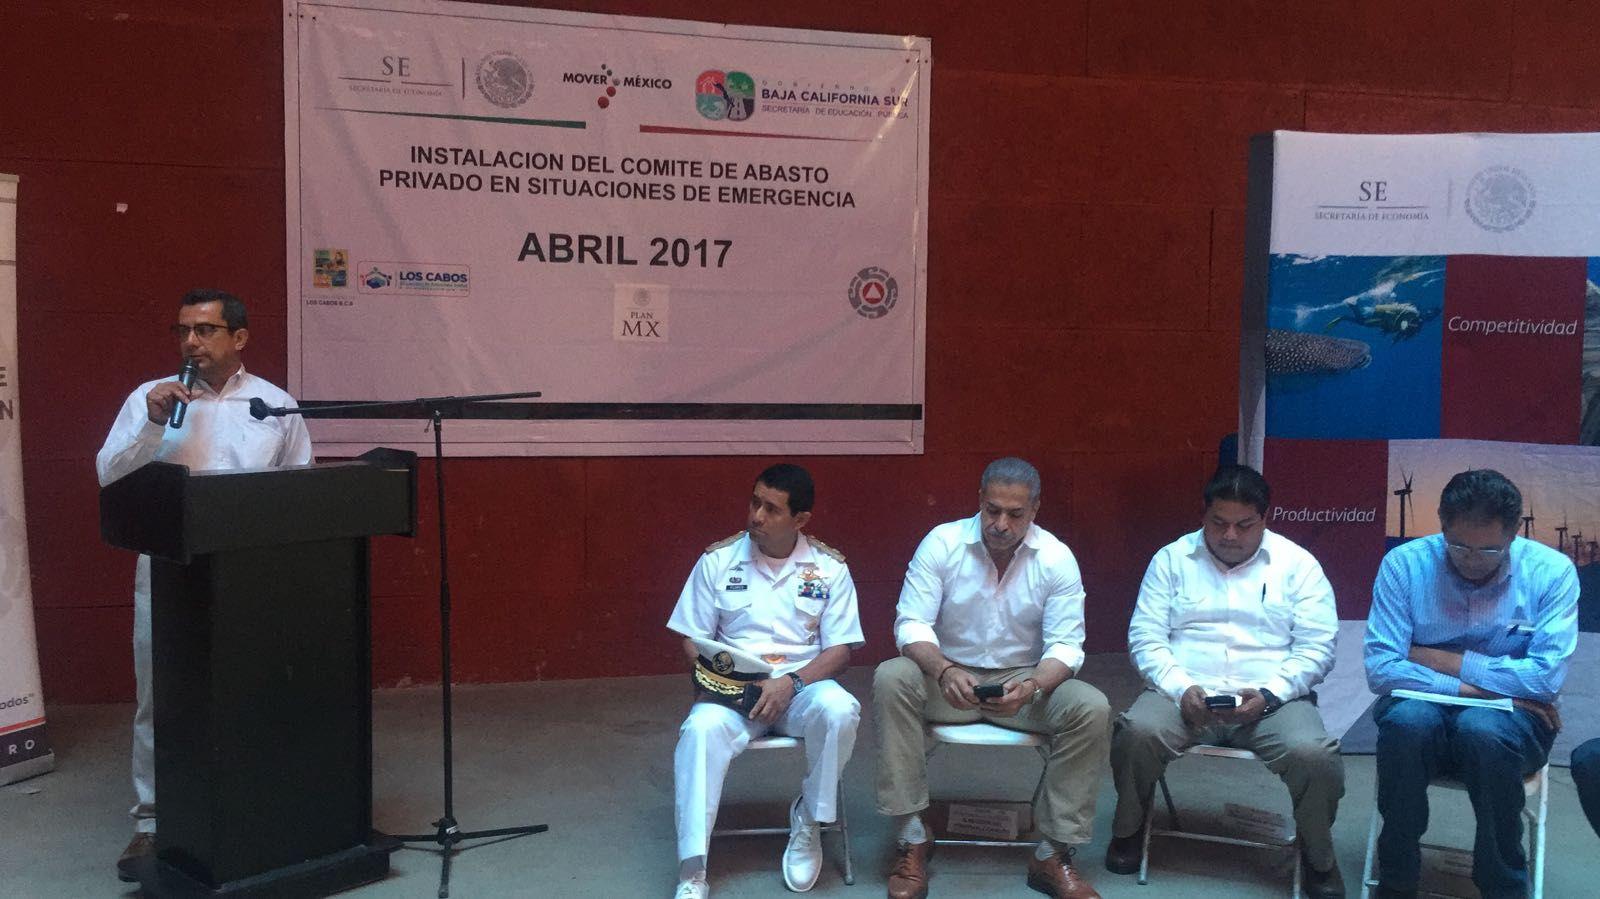 Comité de Abasto Privado en Situaciones de Emergencia